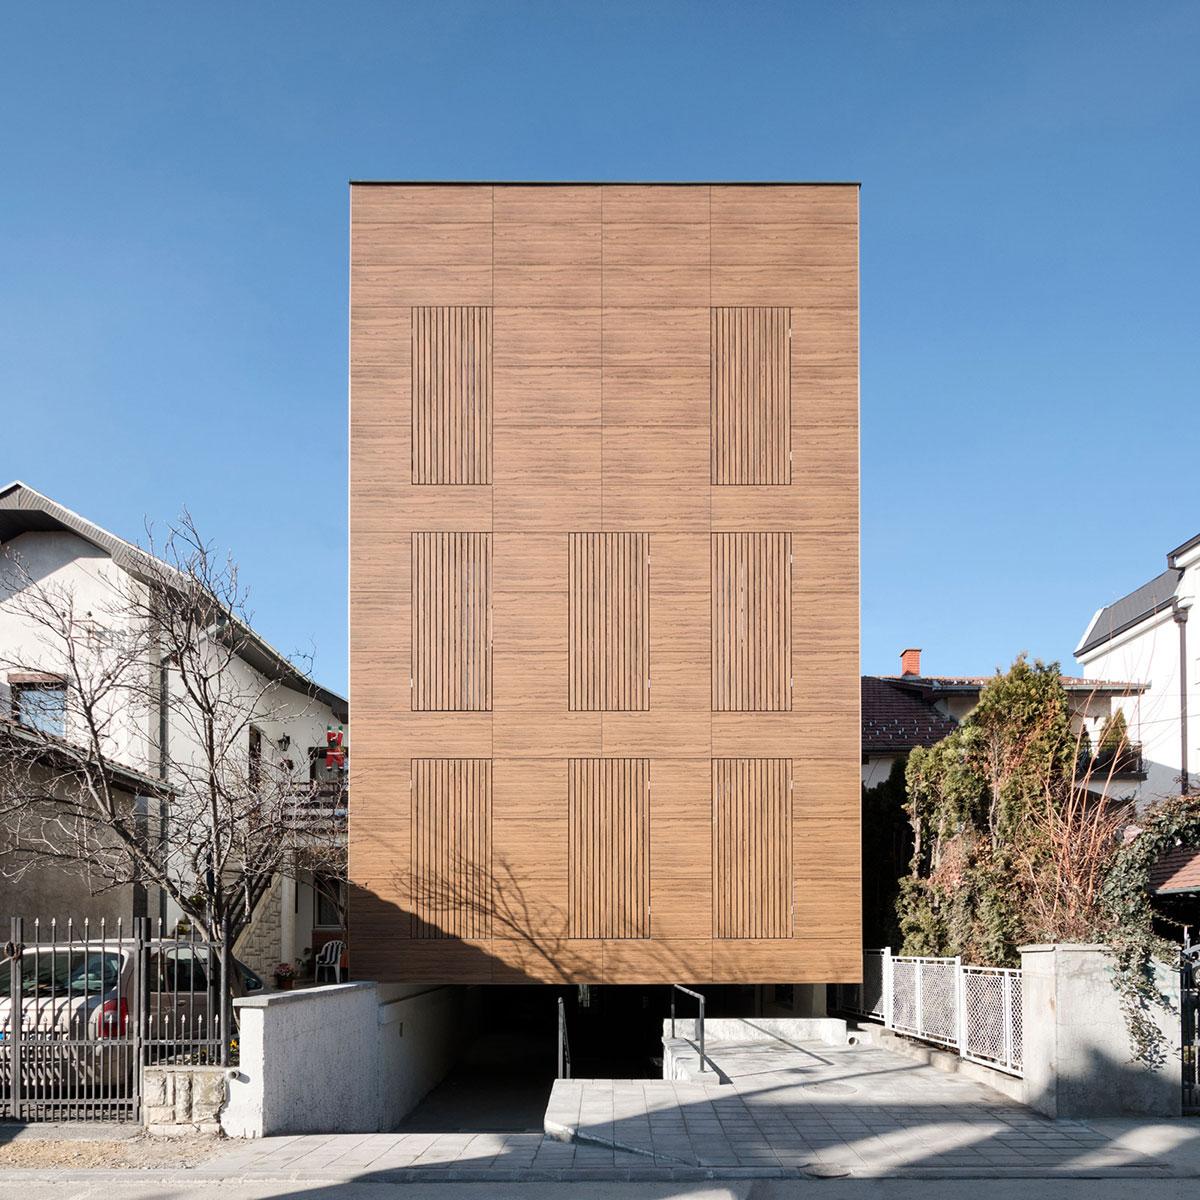 2017_Salon-arhitekture_2-1b-Nagrada-ARHITEKTURA-Simovici-N1-Housing